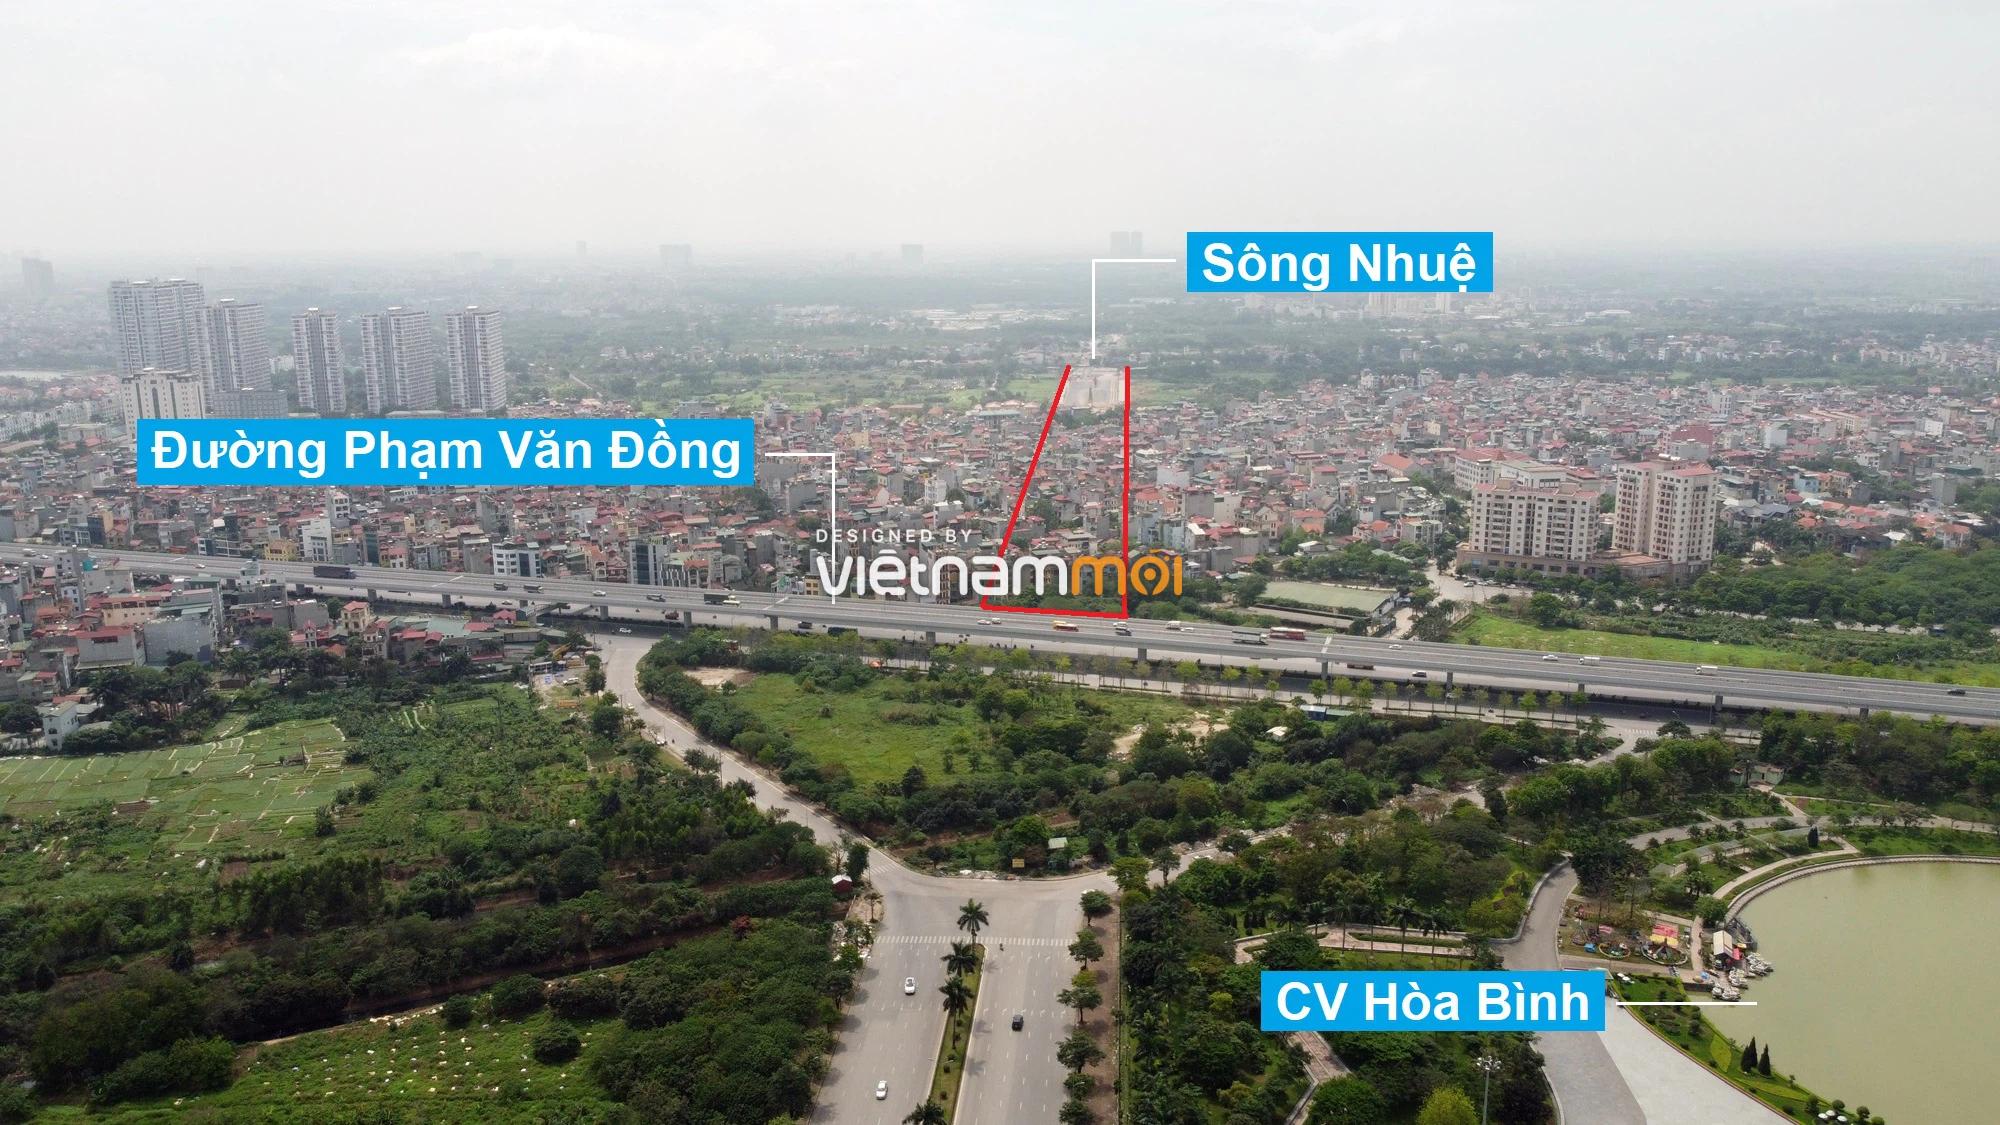 Những khu đất sắp thu hồi để mở đường ở quận Bắc Từ Liêm, Hà Nội (phần 2) - Ảnh 9.